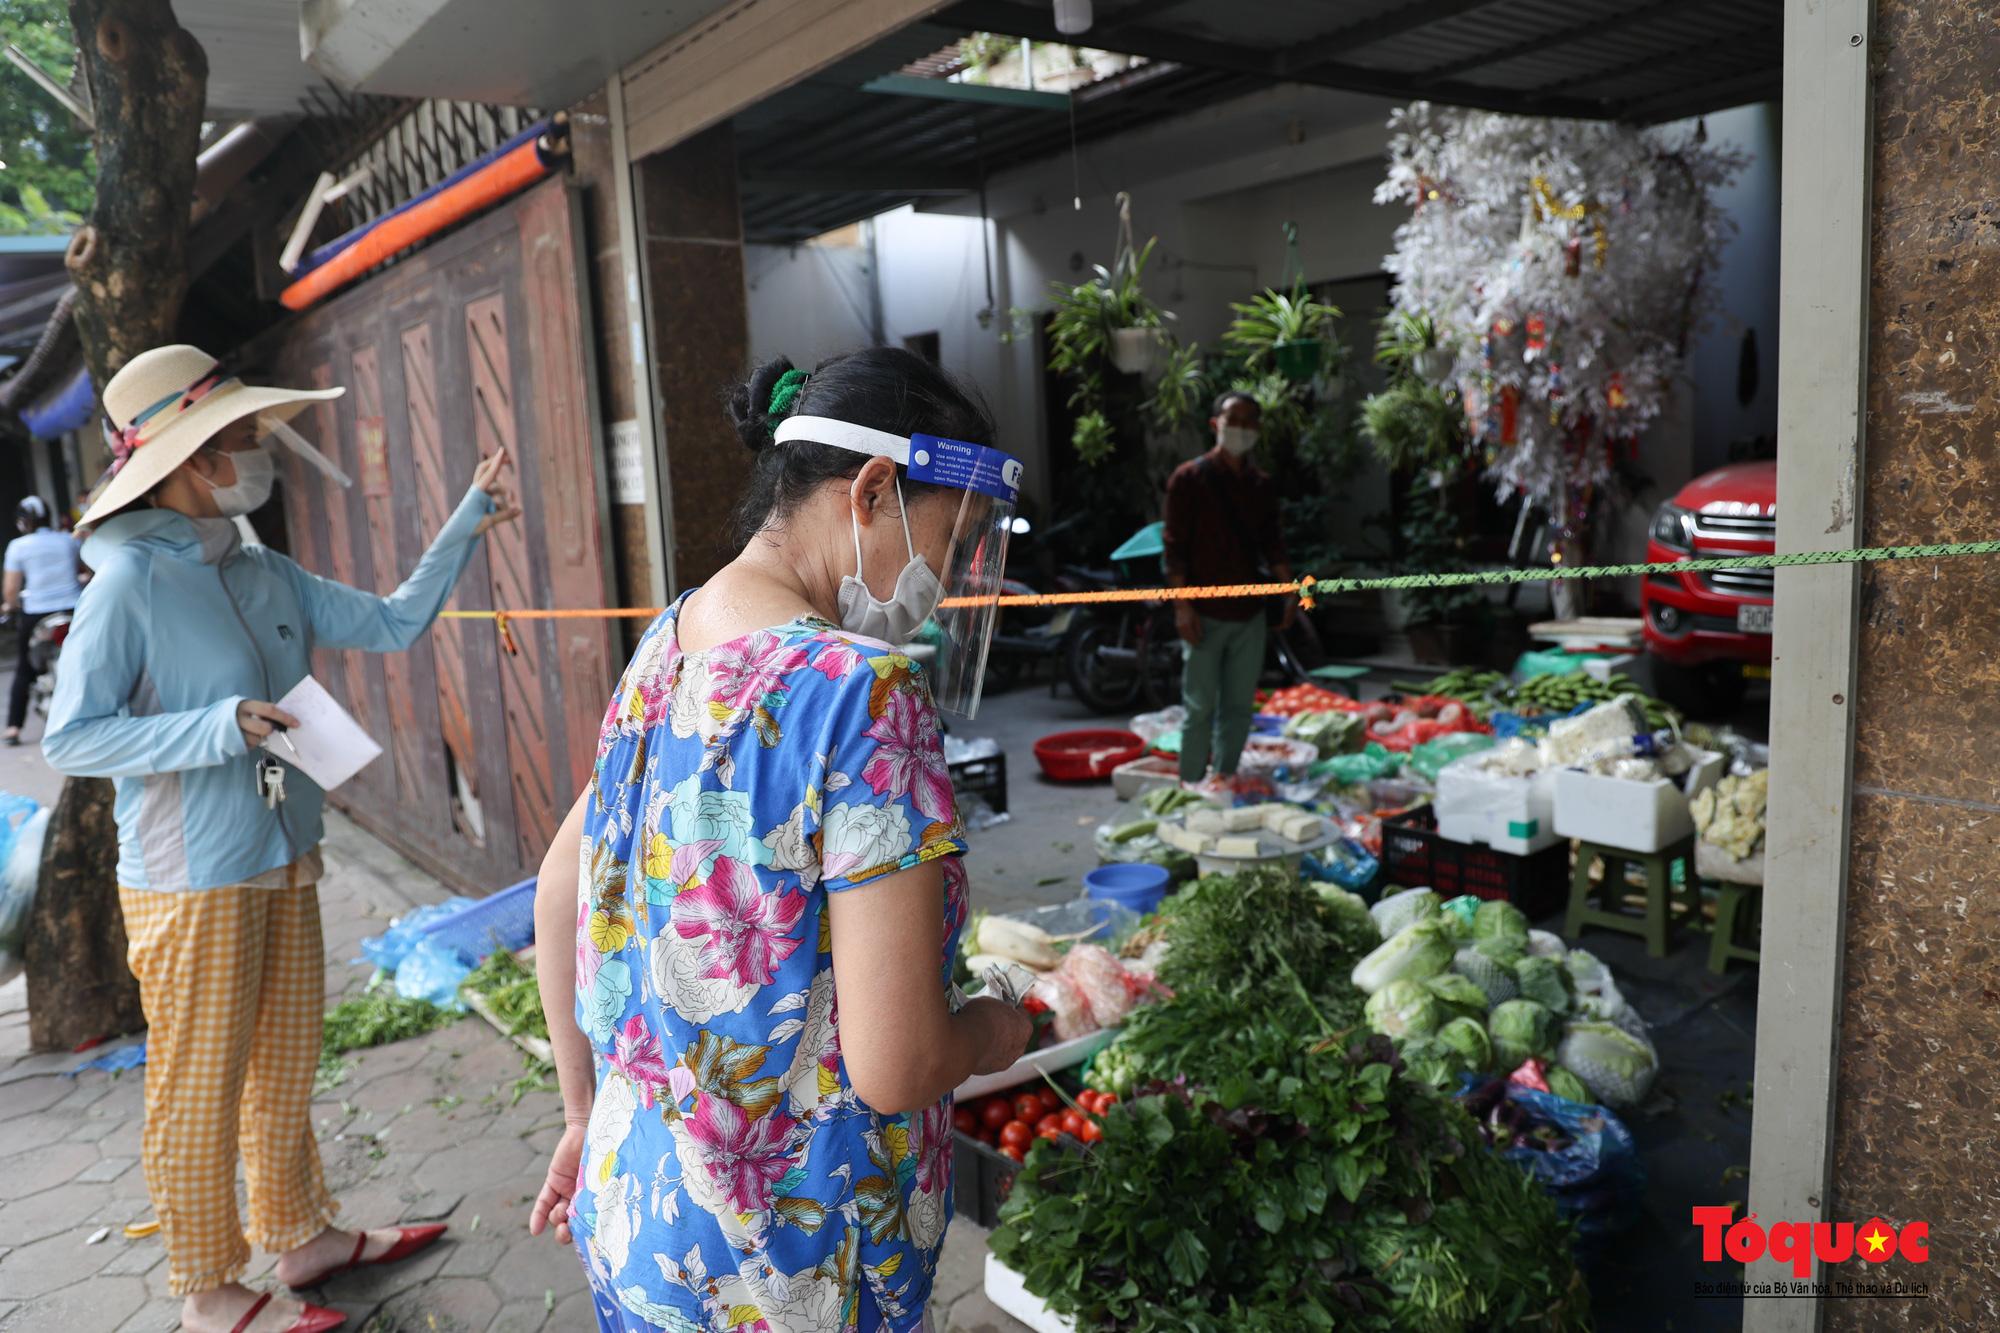 Hà Nội: Muôn kiểu đi chợ trong thời giãn cách xã hội ở thủ đô - Ảnh 18.